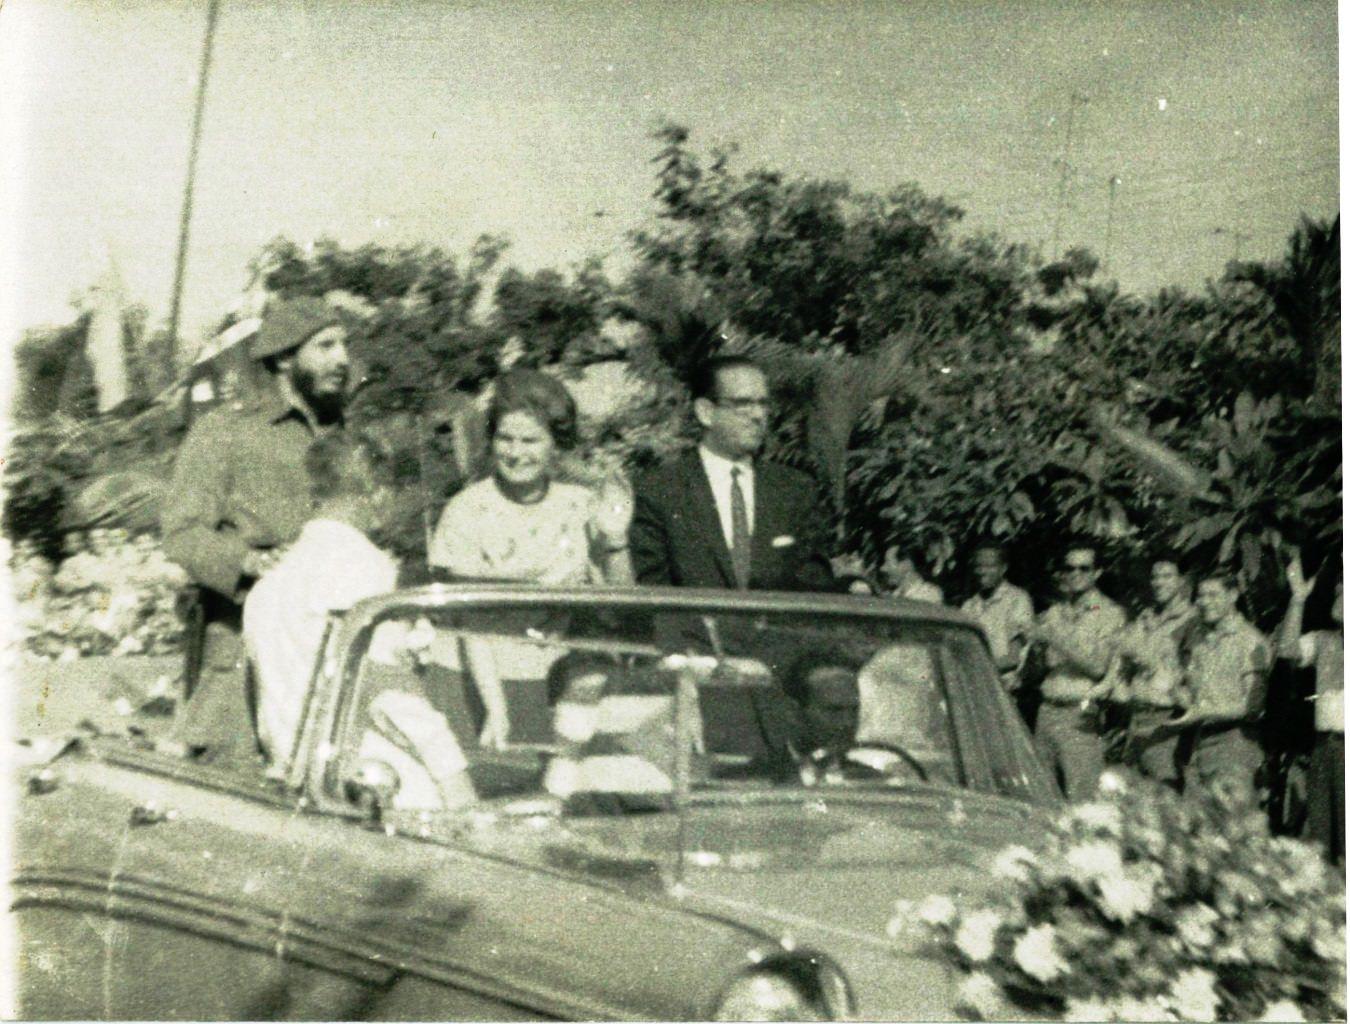 1963, 8 октября. В.В. Терешкова, Фидель Кастро, президент Кубы Освальдо Дортикос Торрадо. Встреча в аэропорту им. Хосе Марти в Гаване